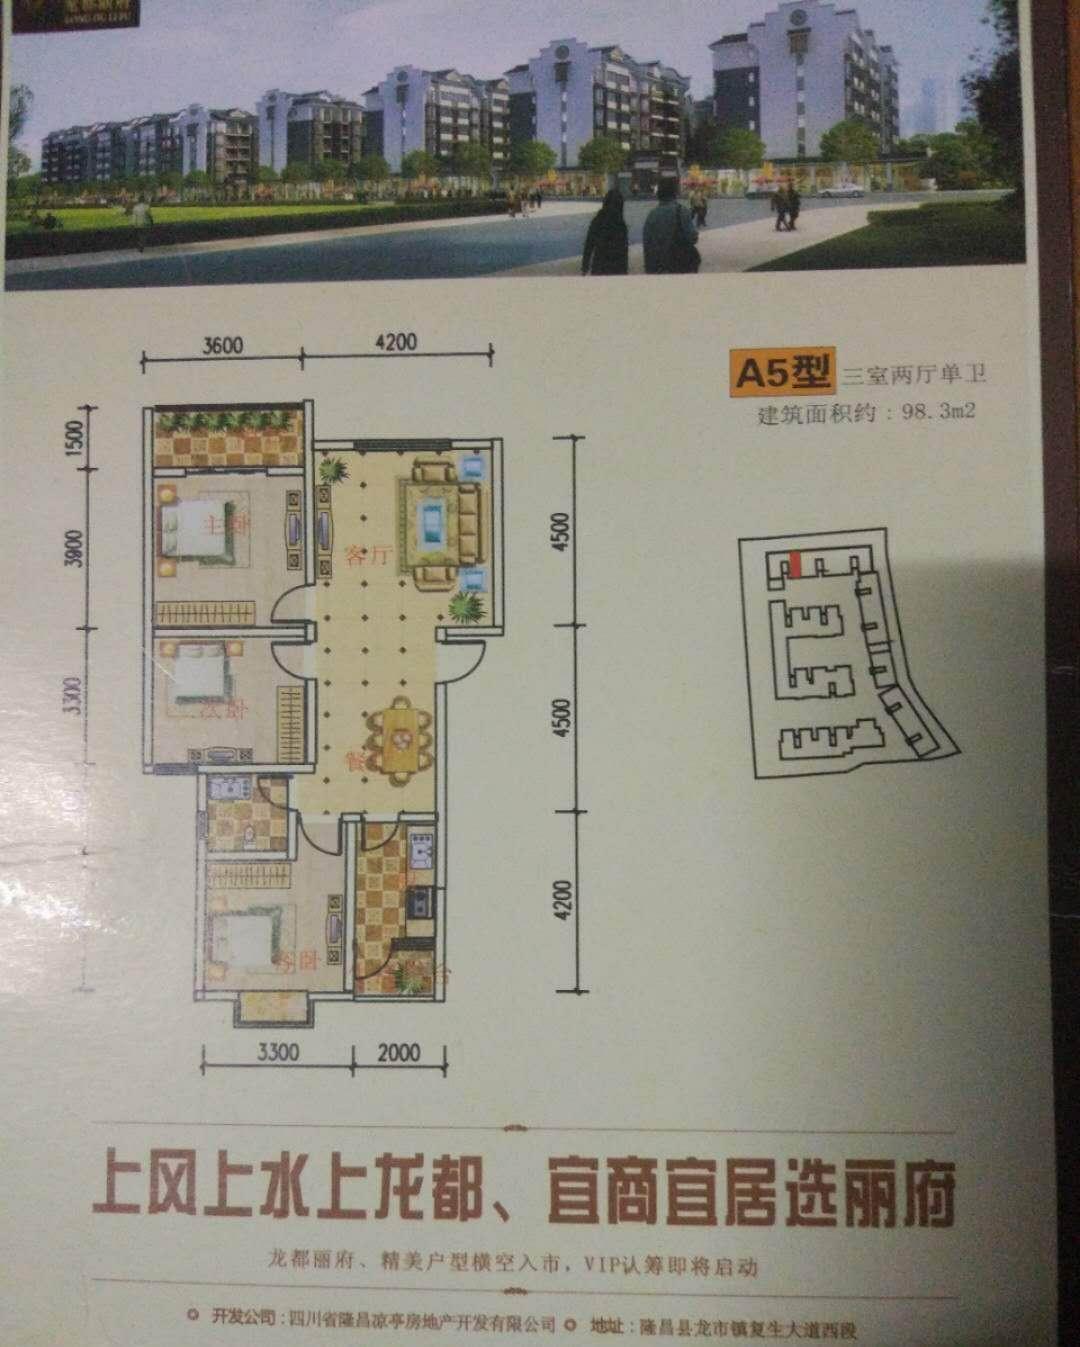 龍都麗府4棟二樓3室 2廳 1衛31萬元